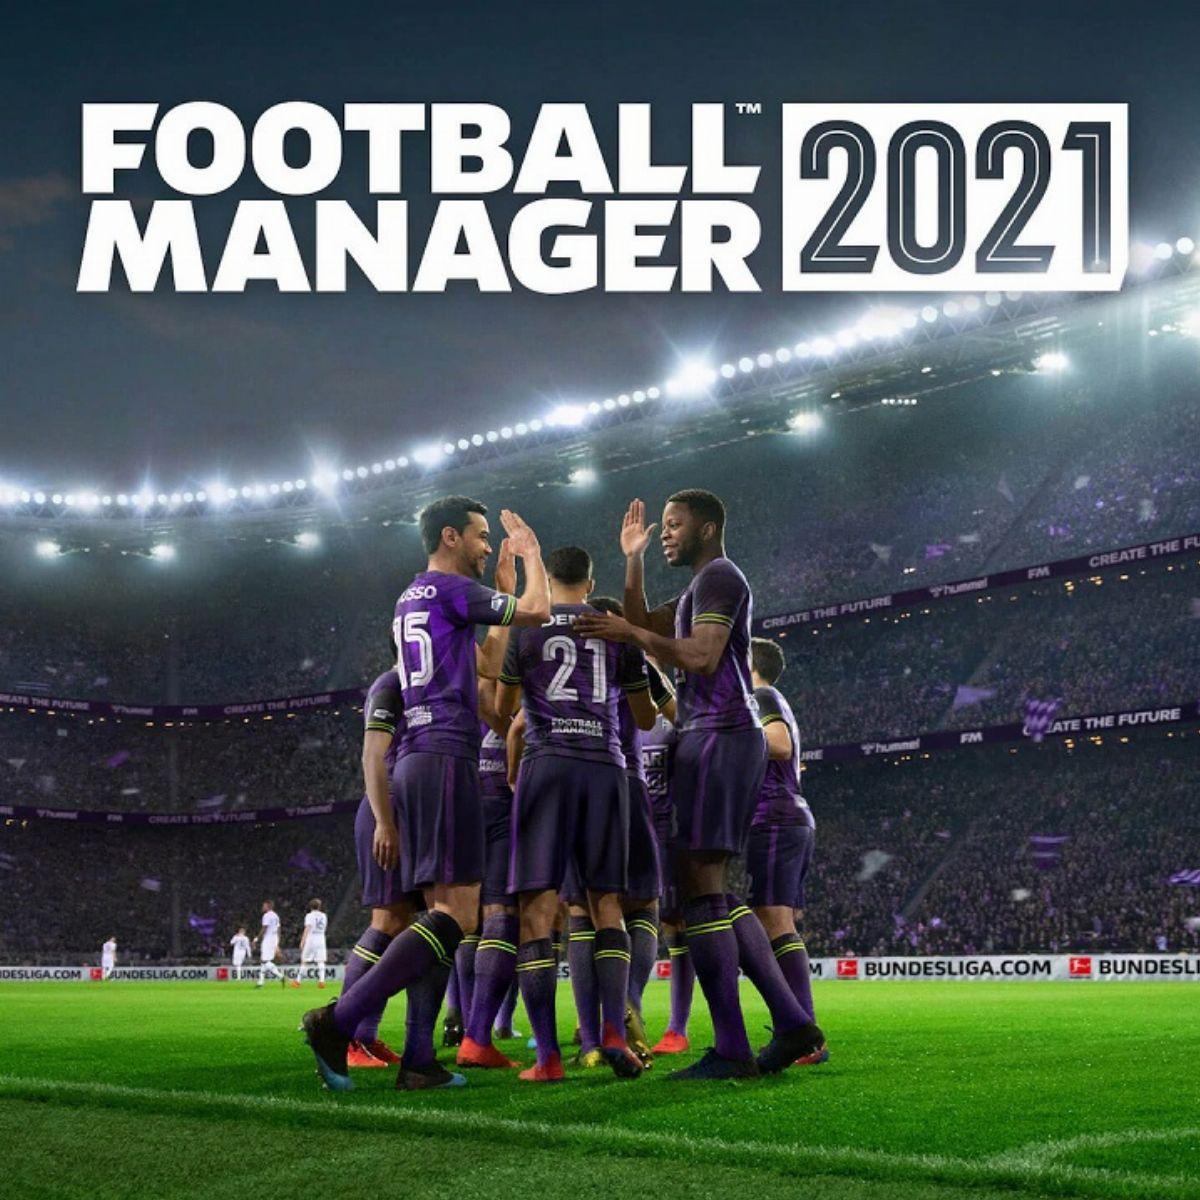 Football Manager 2021 sur Switch (dématérialisé)